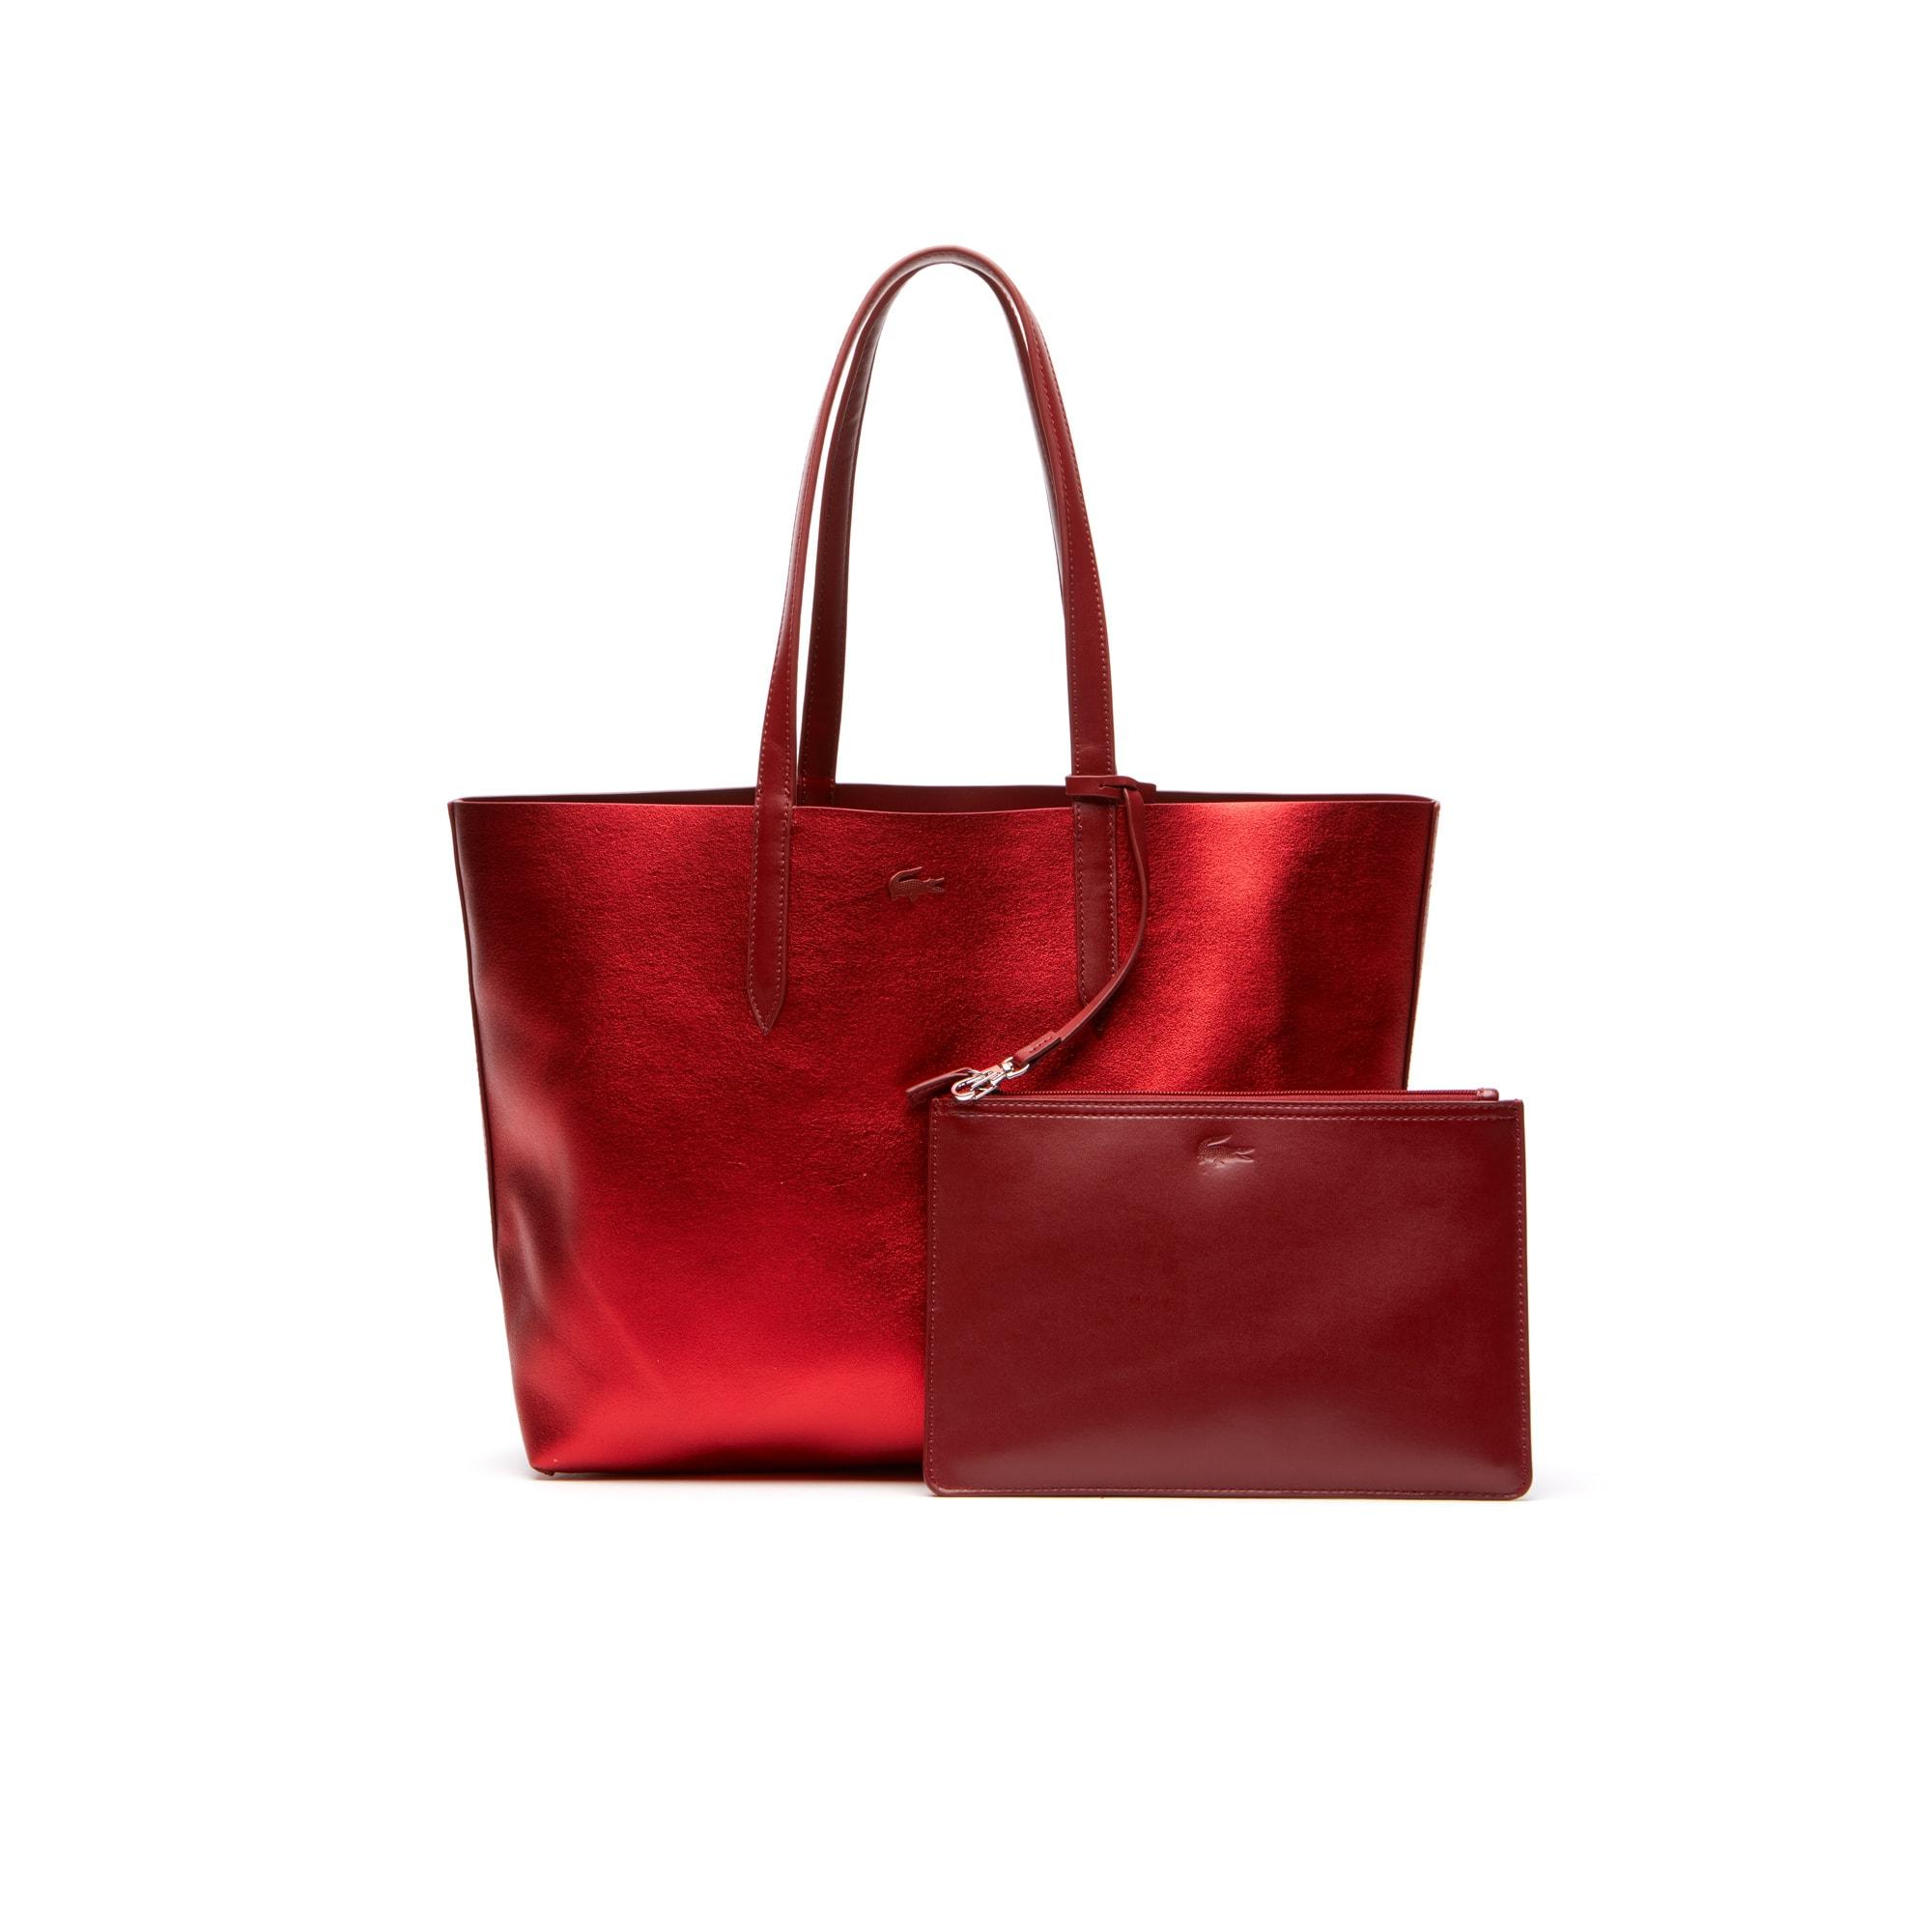 Damen ANNA Wende-Tote Bag glänzend und matt